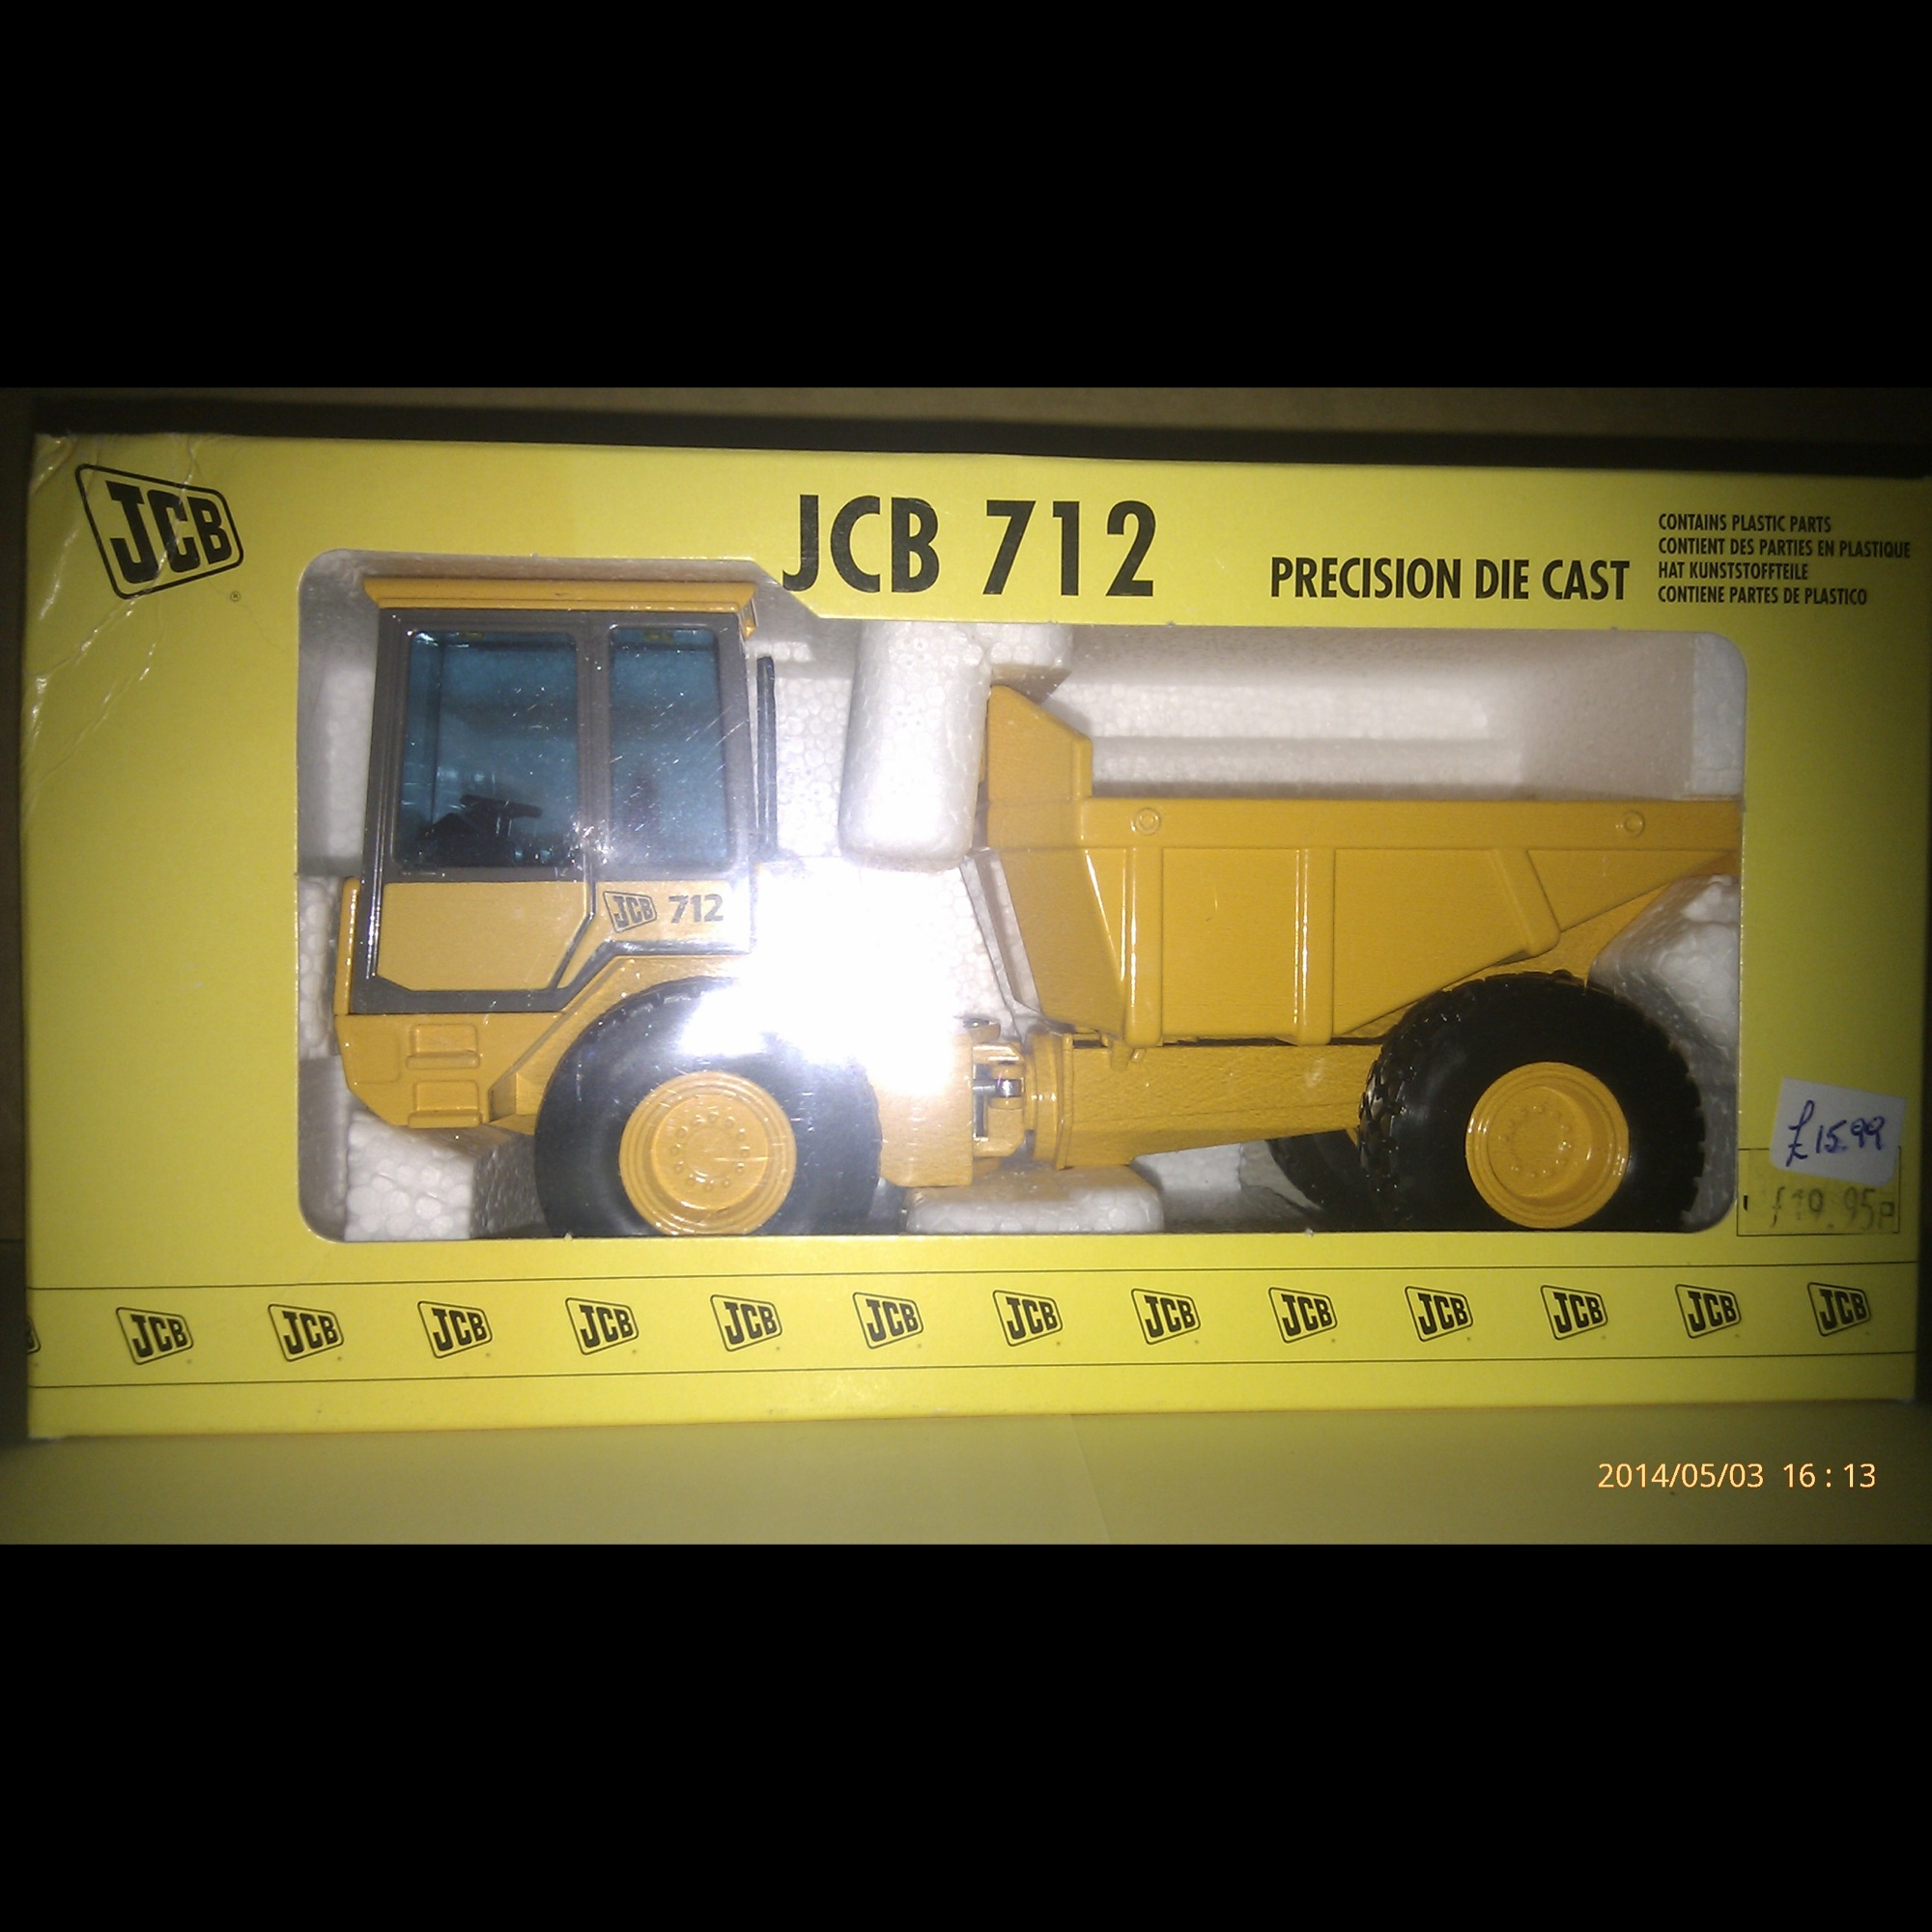 JCB 712 Articulated Dump Truck